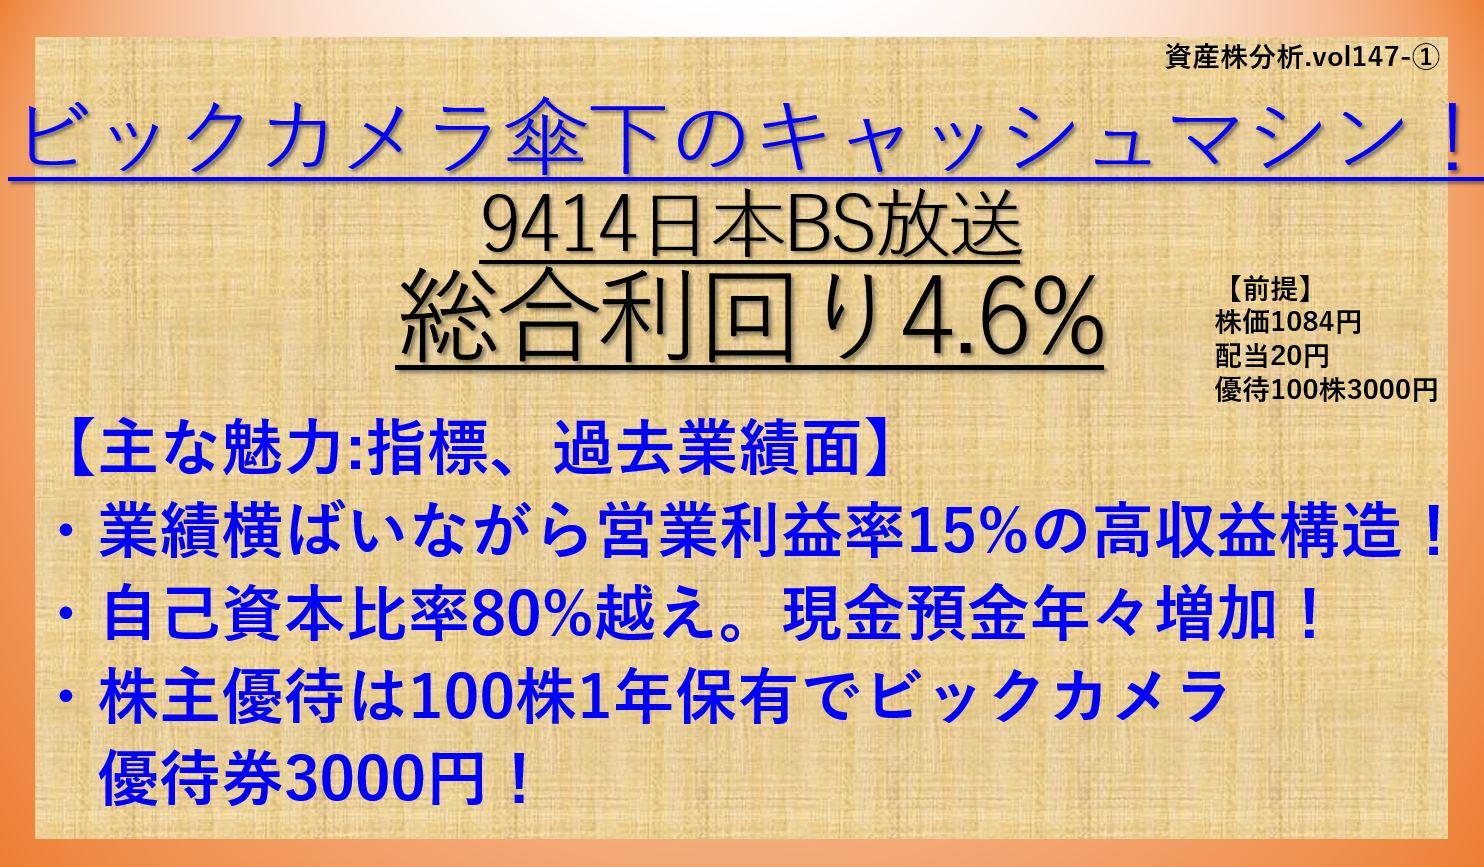 9414-日本BS放送-資産株①